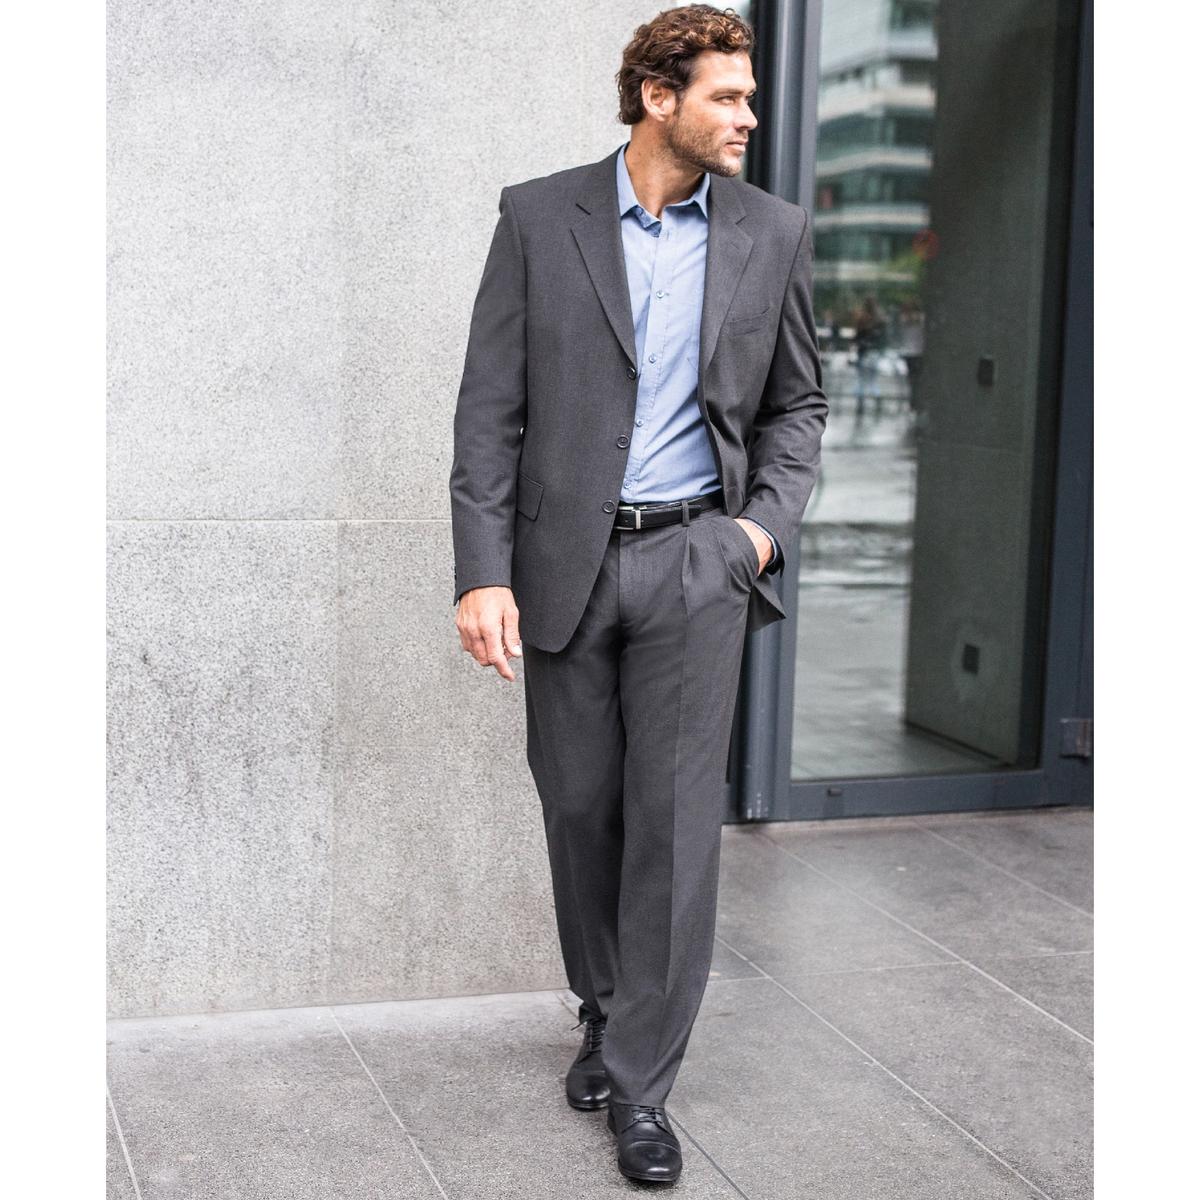 Пиджак костюмный, стрейч, размер 2Пиджак прекрасно сочетается с брюками в очень элегантном костюме или с джинсами для более свободного стиля .Пиджак красивого покроя из высококачественной, слегка эластичной, ткани62% полиэстера, 33% вискозы, 5% эластана.Полностью на подкладке, 100% полиэстер. Размер 2 : на рост от 176 до 187 см.Прямой покрой, 3 пуговицы. Шлица сзади. 1 нагрудный карман и 2 кармана с клапаном спереди, 3 внутренних кармана. 3 пуговицы на рукавах. Контрастная отделка видимым швом.Существует также в размере 1 (на рост до 176 см)и в размере 3 (на рост от 187 см).<br><br>Цвет: антрацит,темно-синий,черный